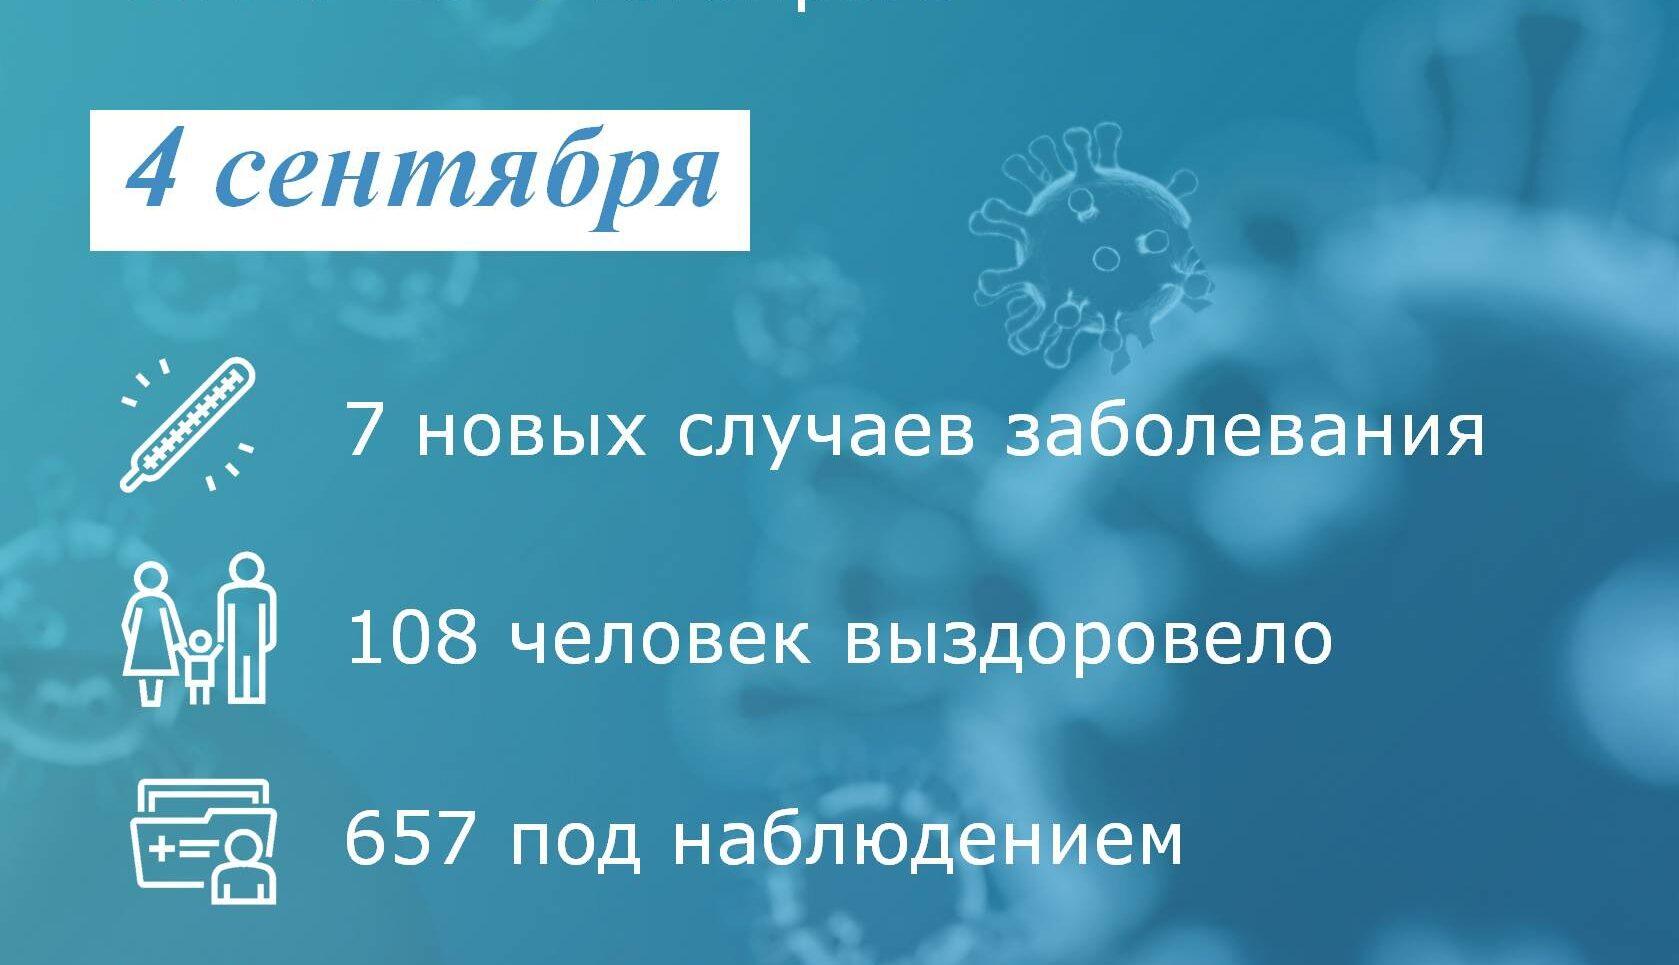 Коронавирус: в Таганроге заболели 7 человек